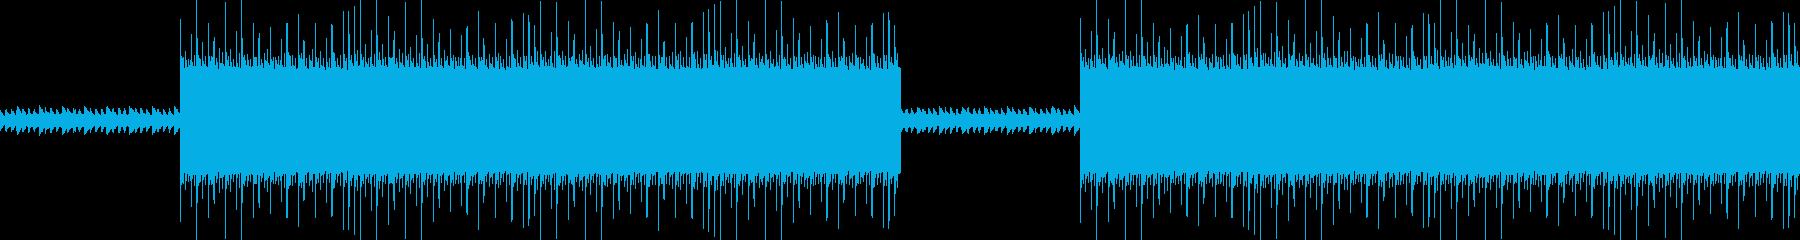 不思議なダークトラップヒップホップBGMの再生済みの波形